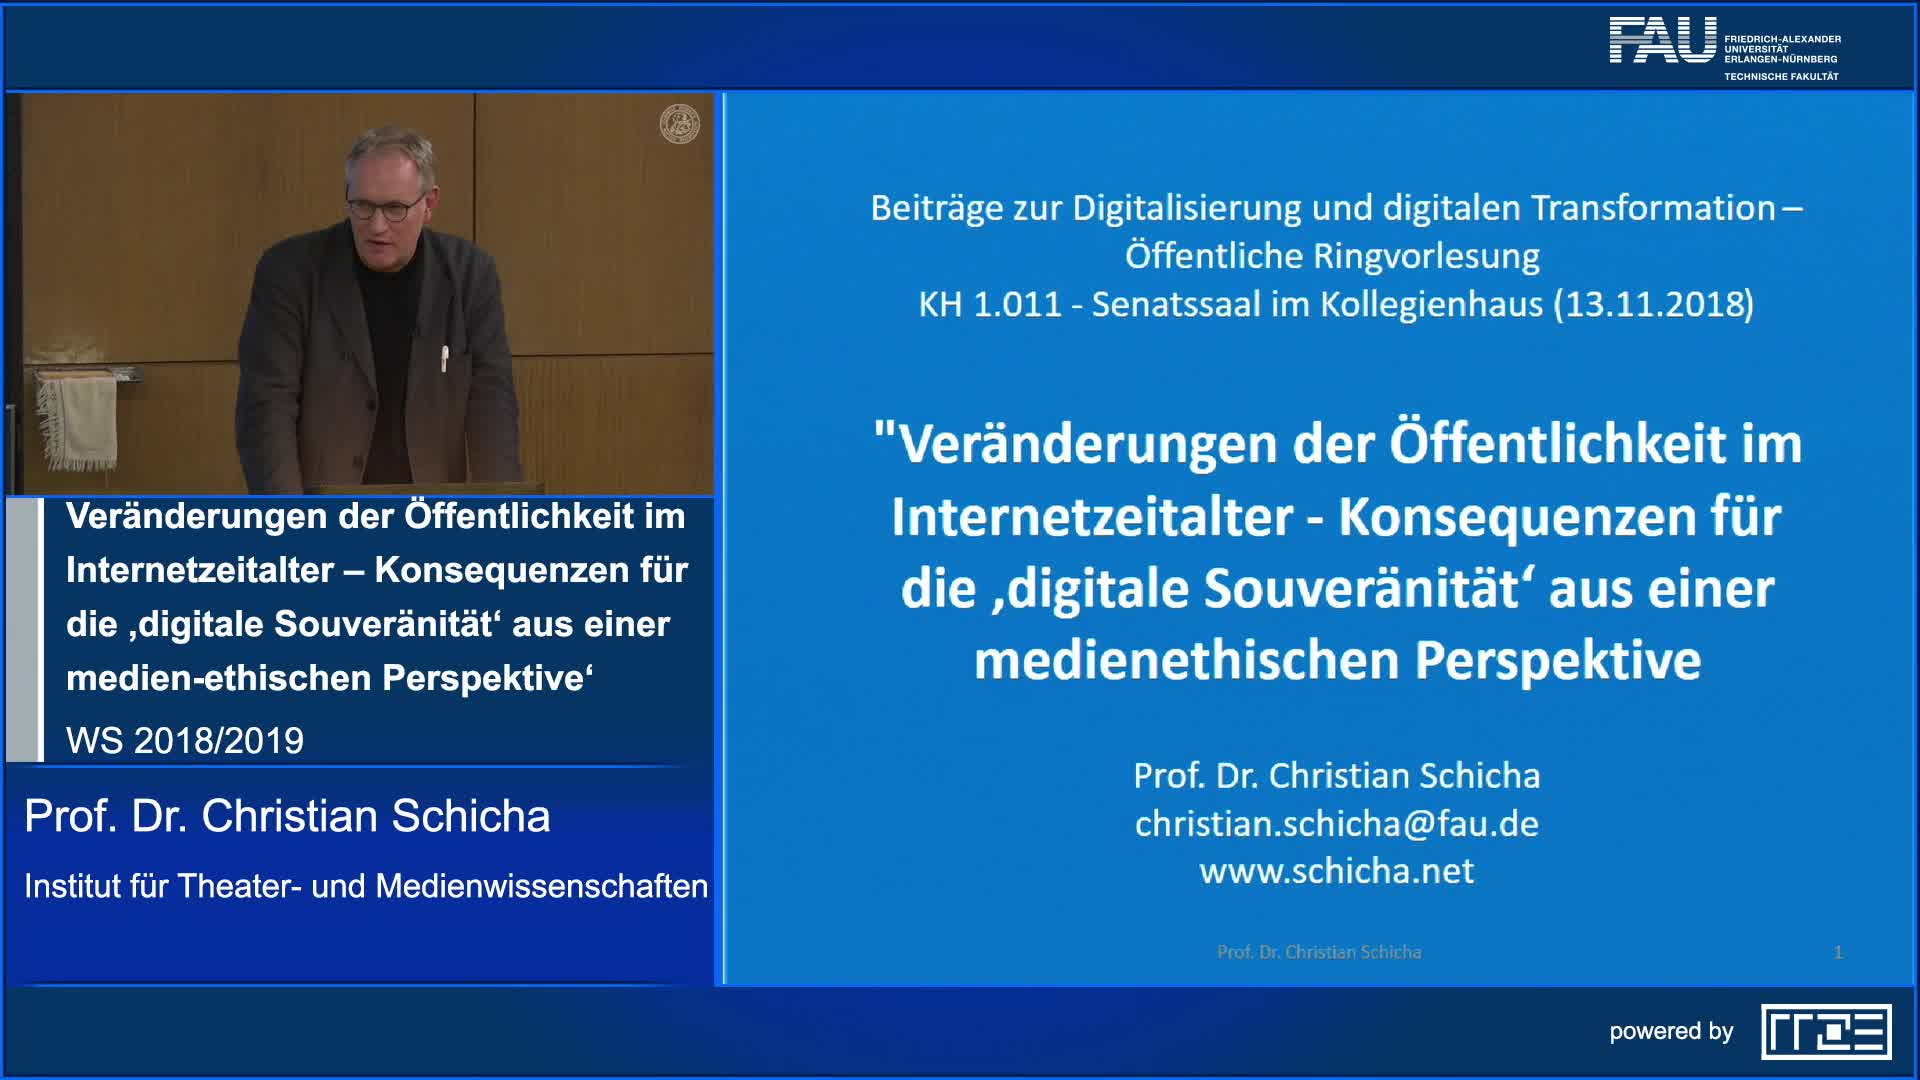 Veränderungen der Öffentlichkeit im Internetzeitalter – Konsequenzen für die 'digitale Souveränität' aus einer medien-ethischen Perspektive' preview image